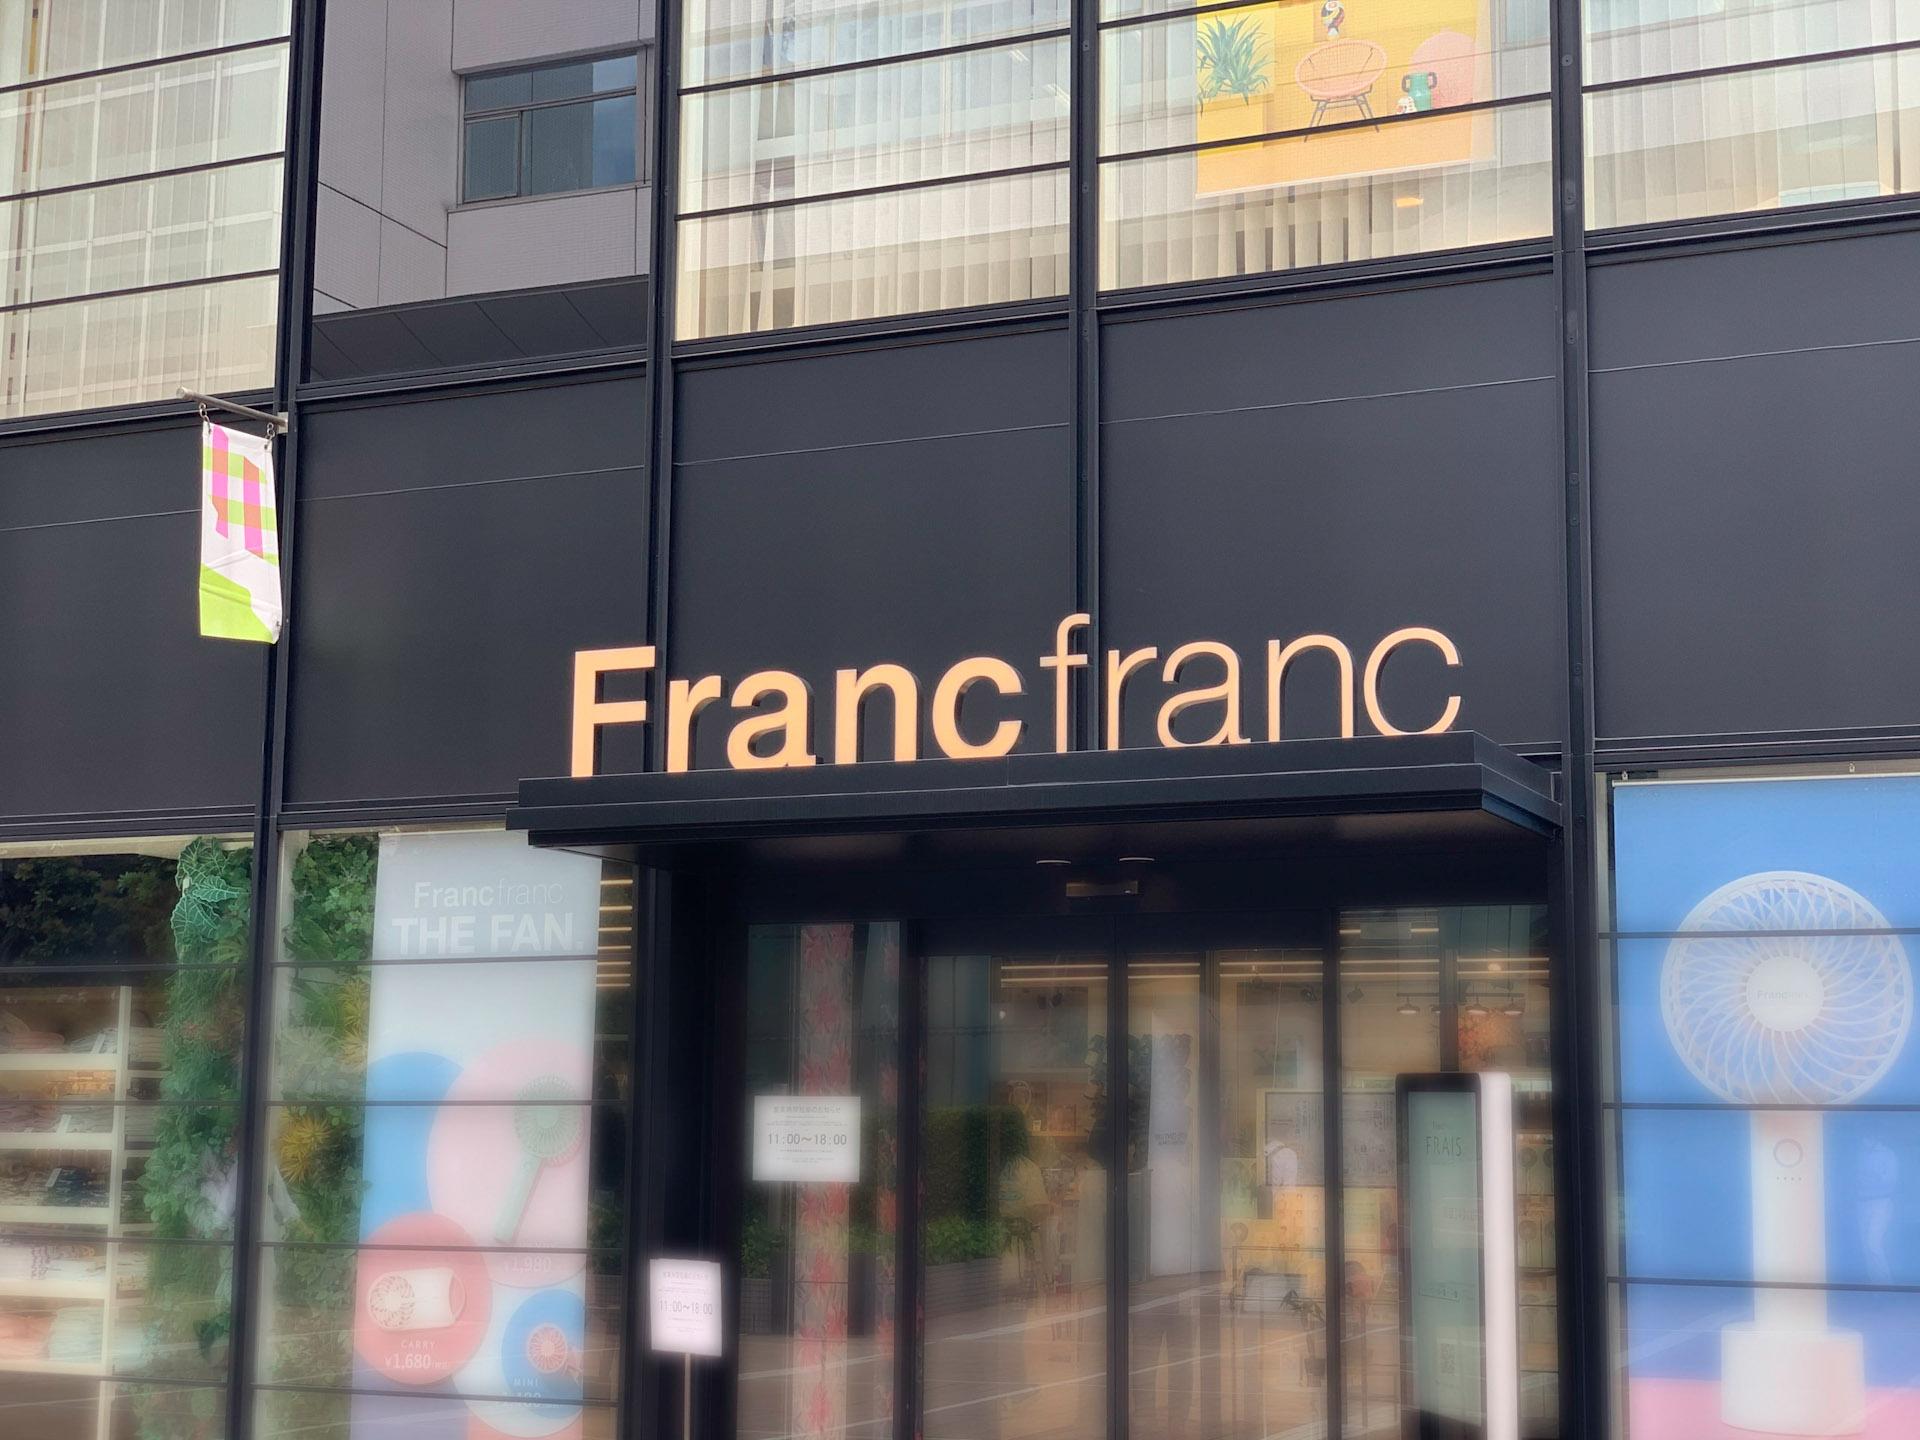 フランフランの照明がおしゃれ!人気のペンダントランプにスタンドタイプも!